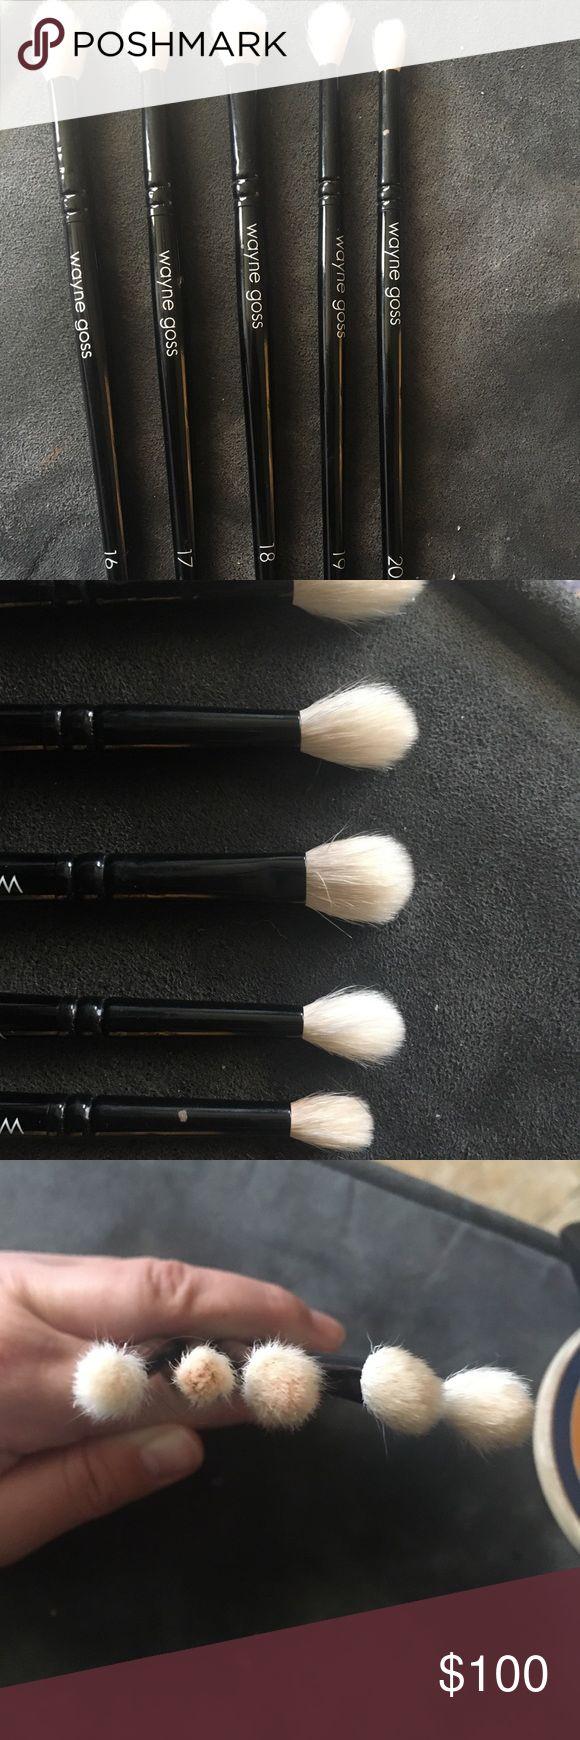 Wayne goss eye brush set Used around 10 times. I have